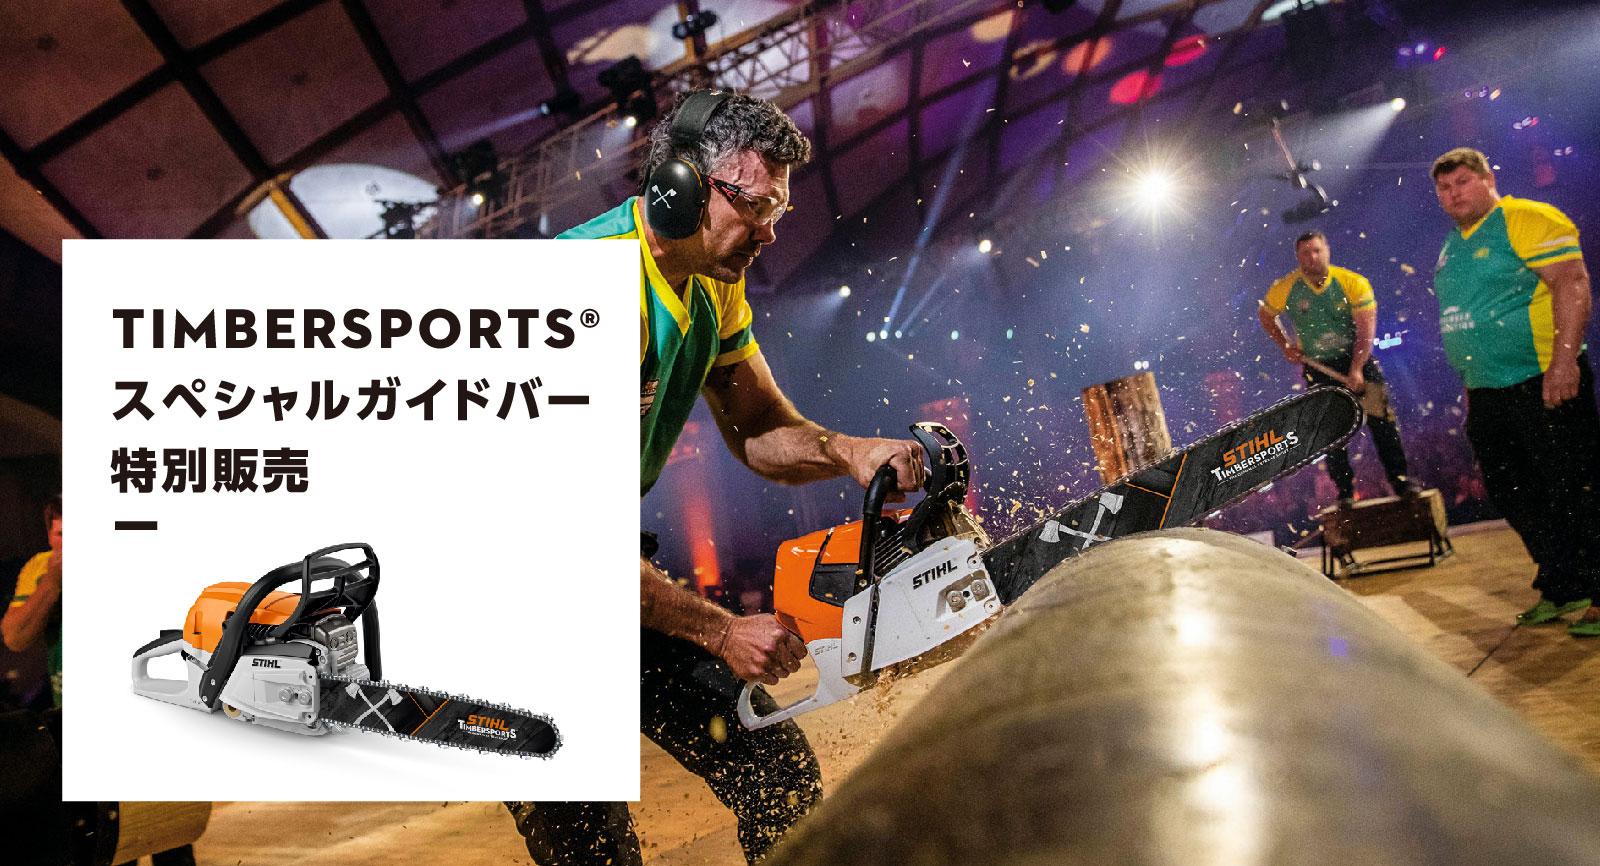 TIMBERSPORTS®   スペシャルガイドバー特別販売